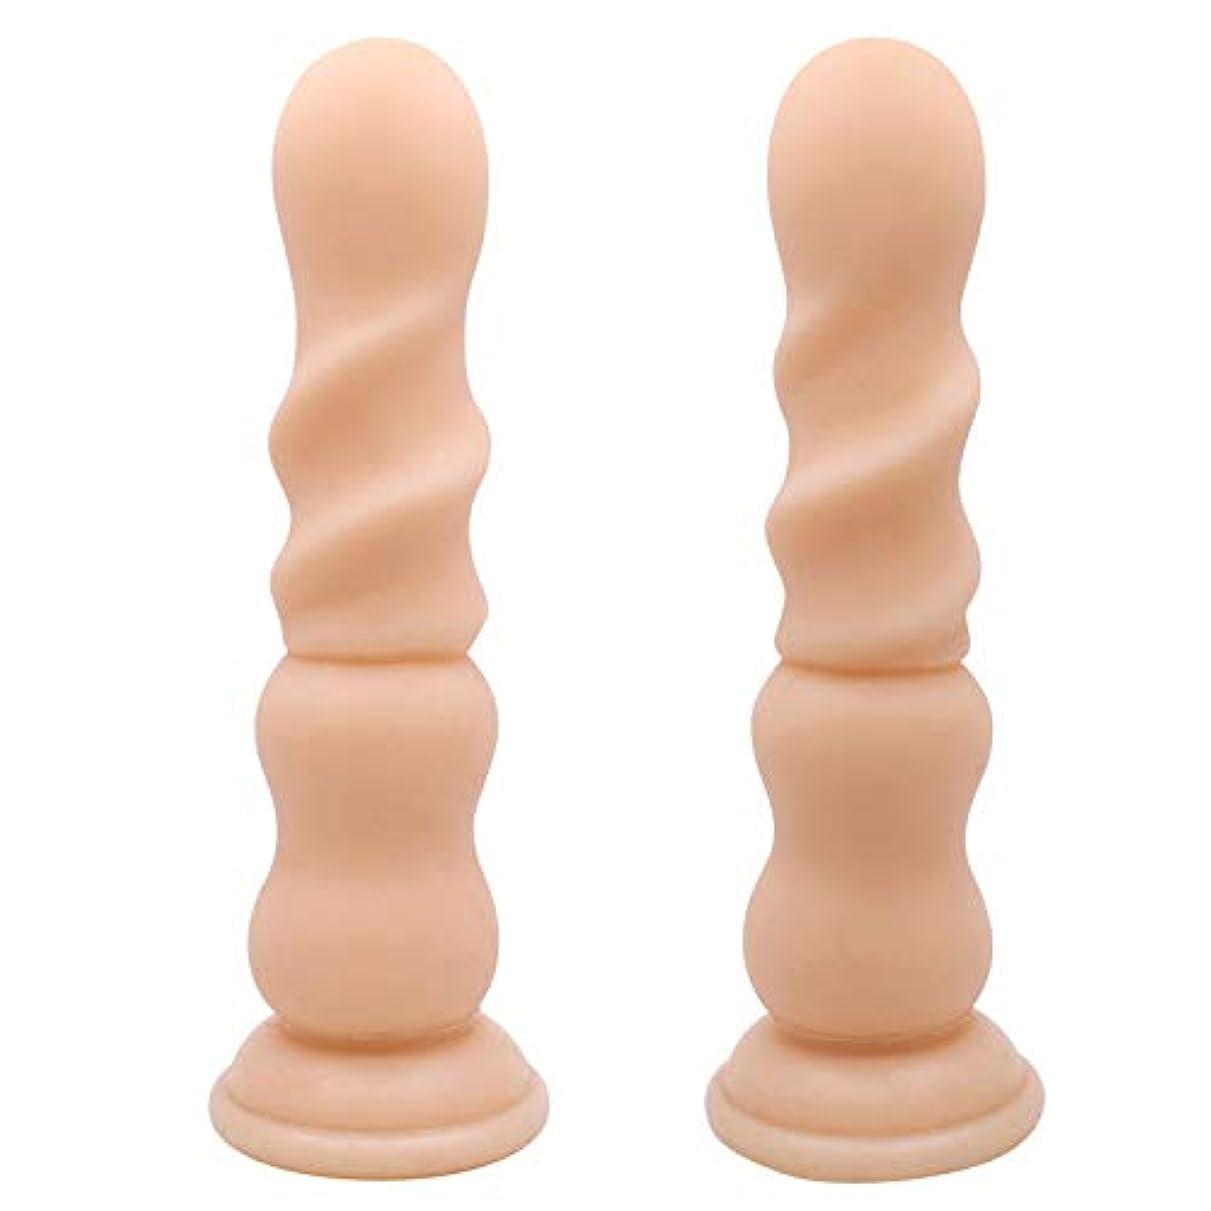 ディルド、シリコーンシミュレーションペニススレッドアナルプラグ女性オナニーマッサージャー防水大人の大人のおもちゃ21センチ